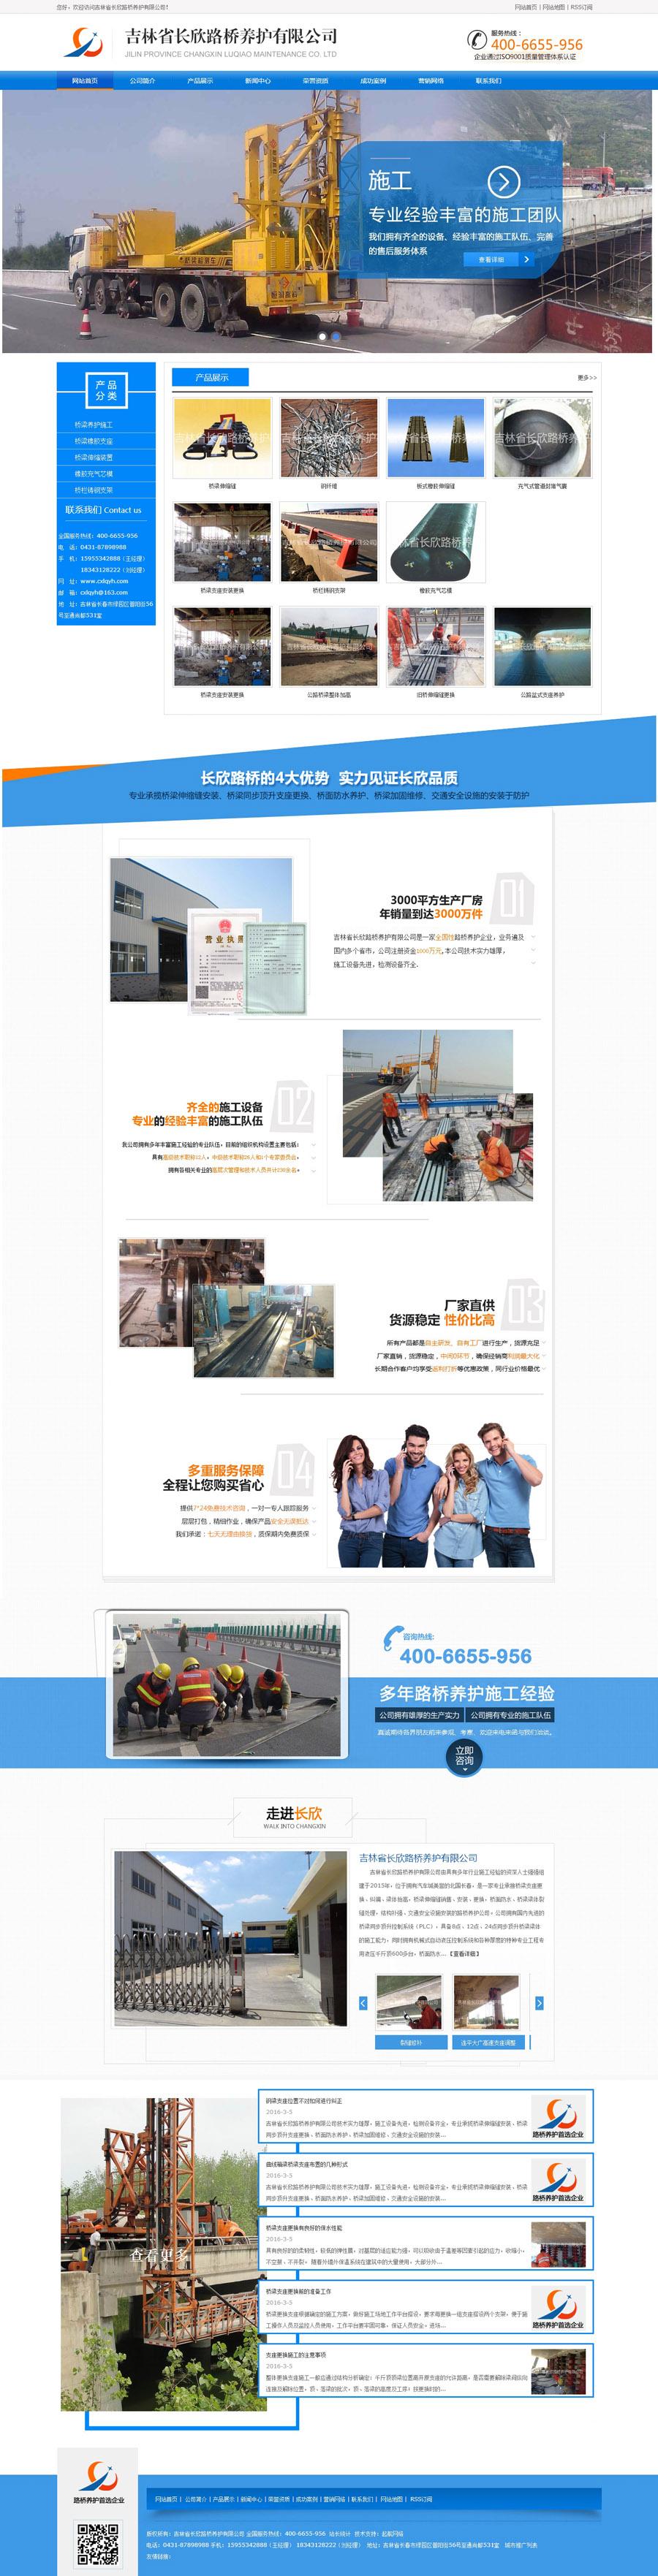 吉林省长欣路桥养护有限公司